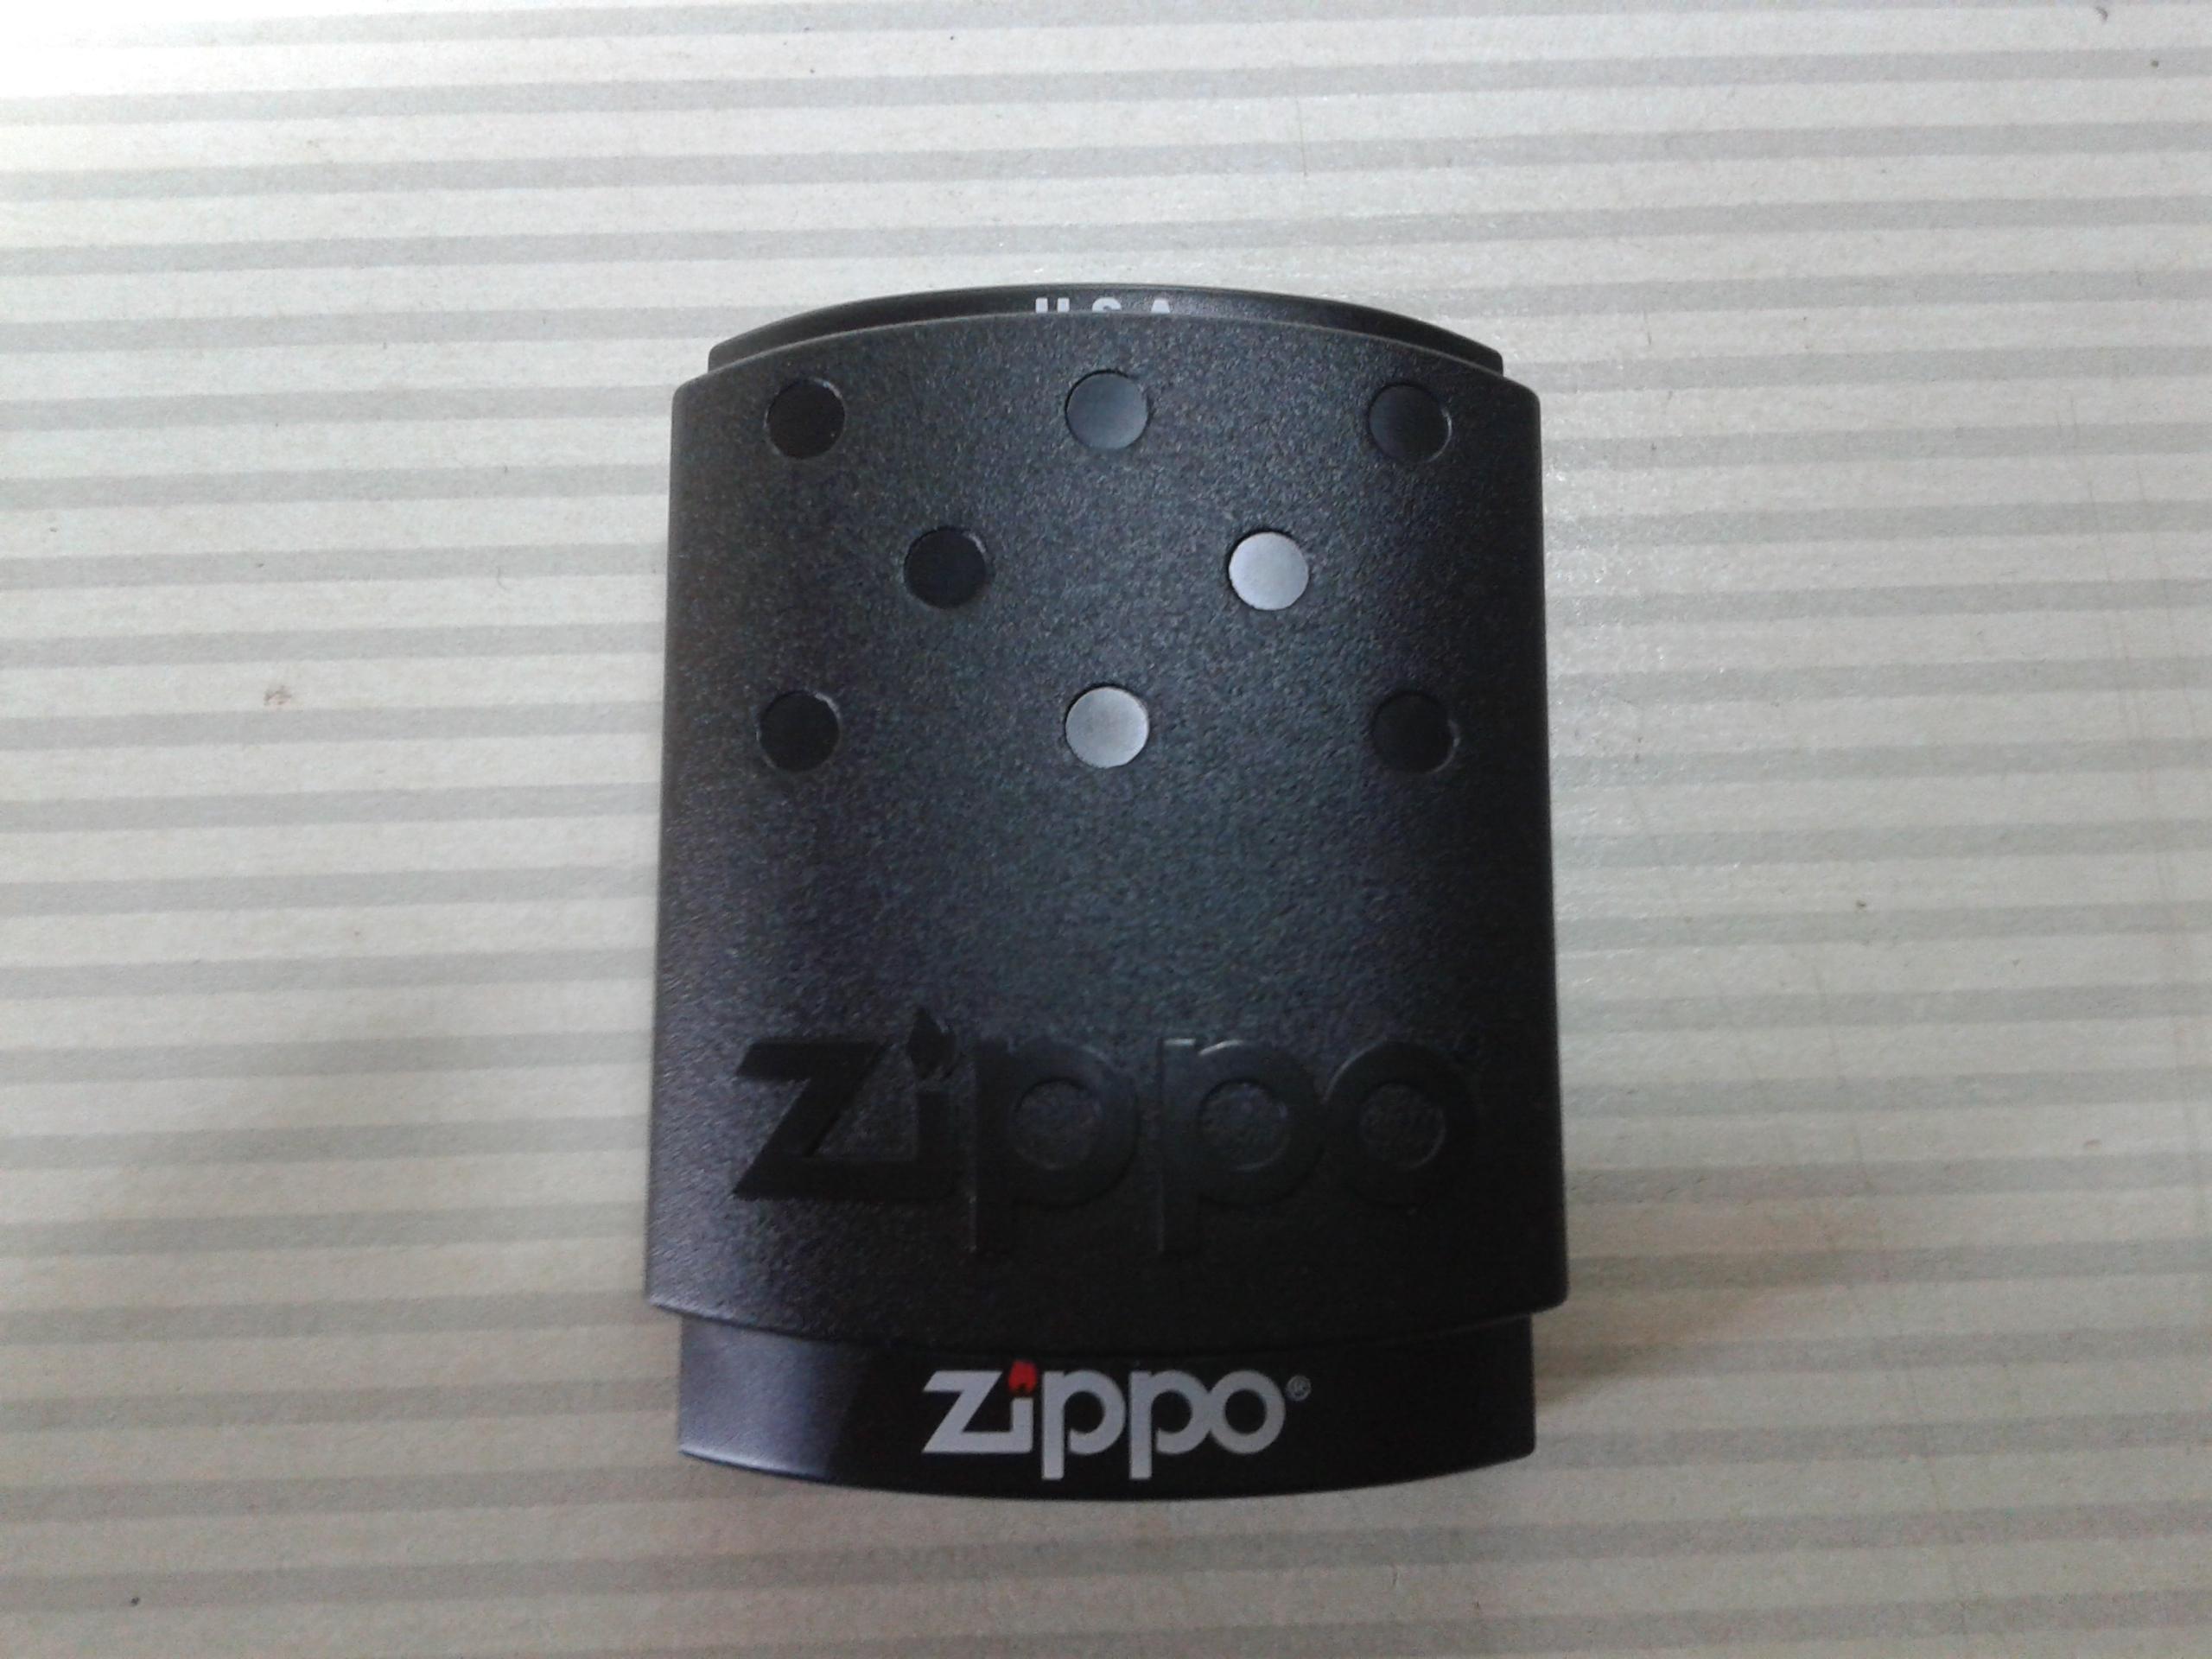 Les boites Zippo au fil du temps - Page 2 310365Plastique1